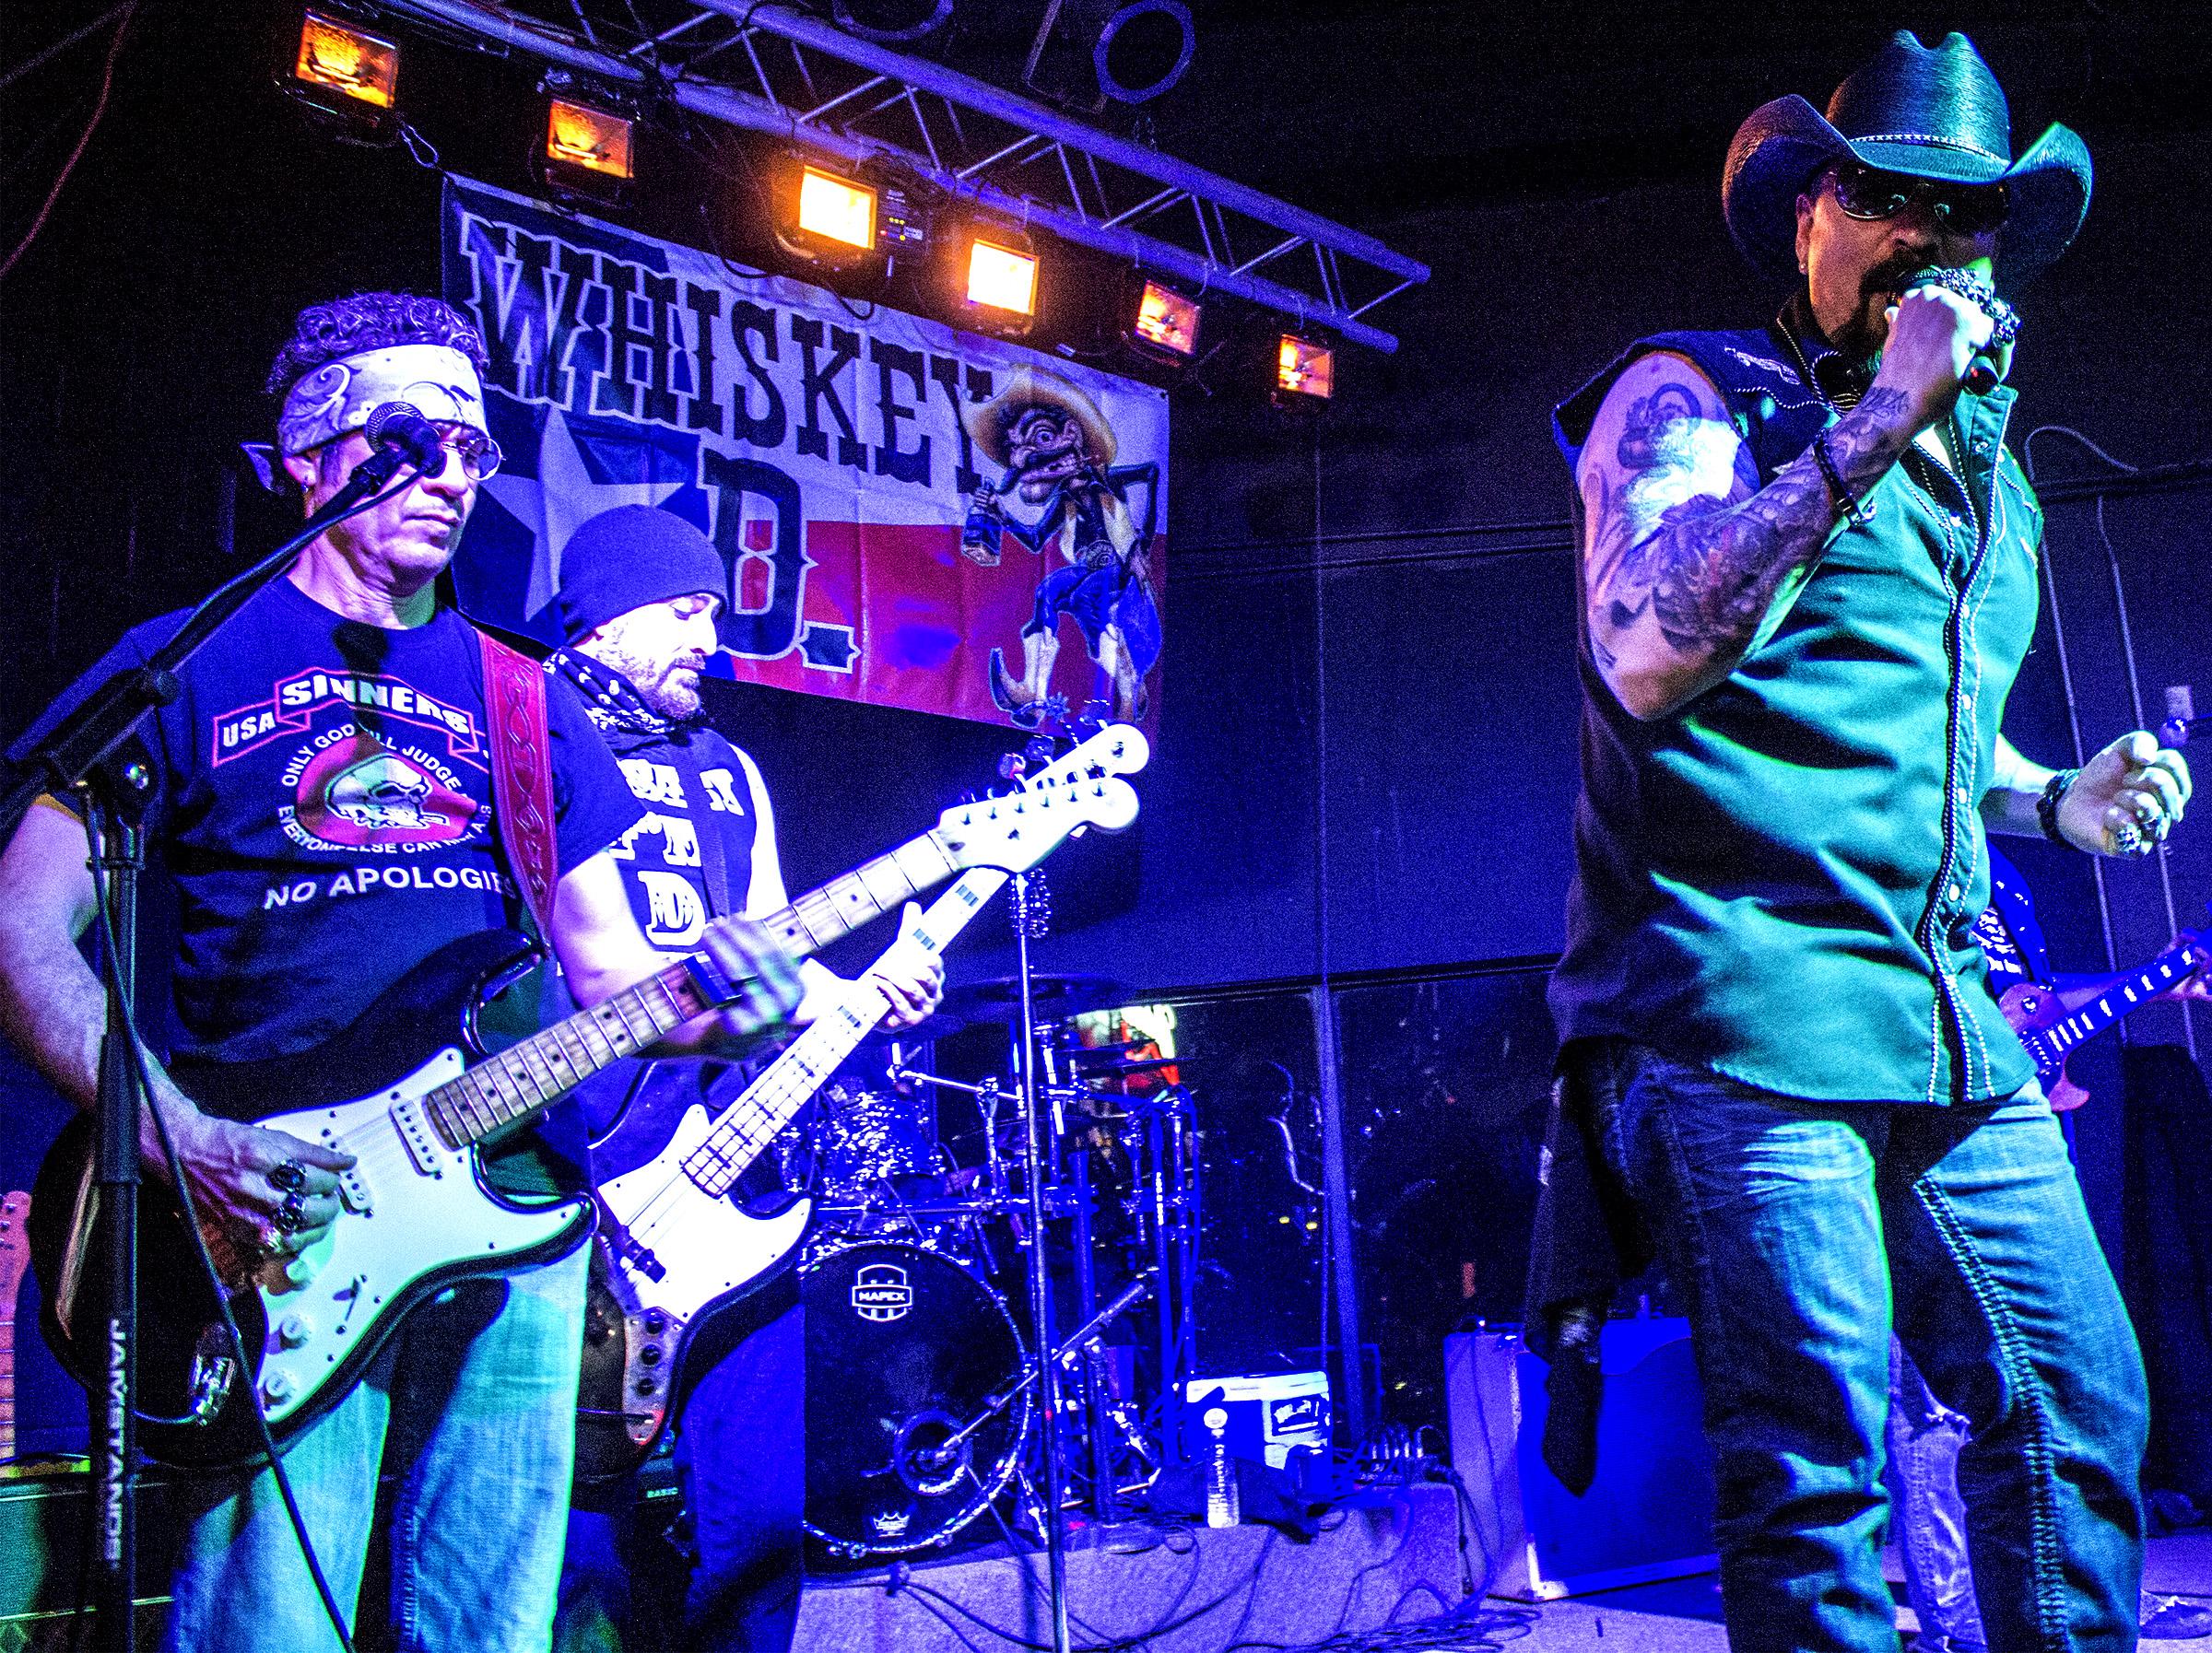 2011 band